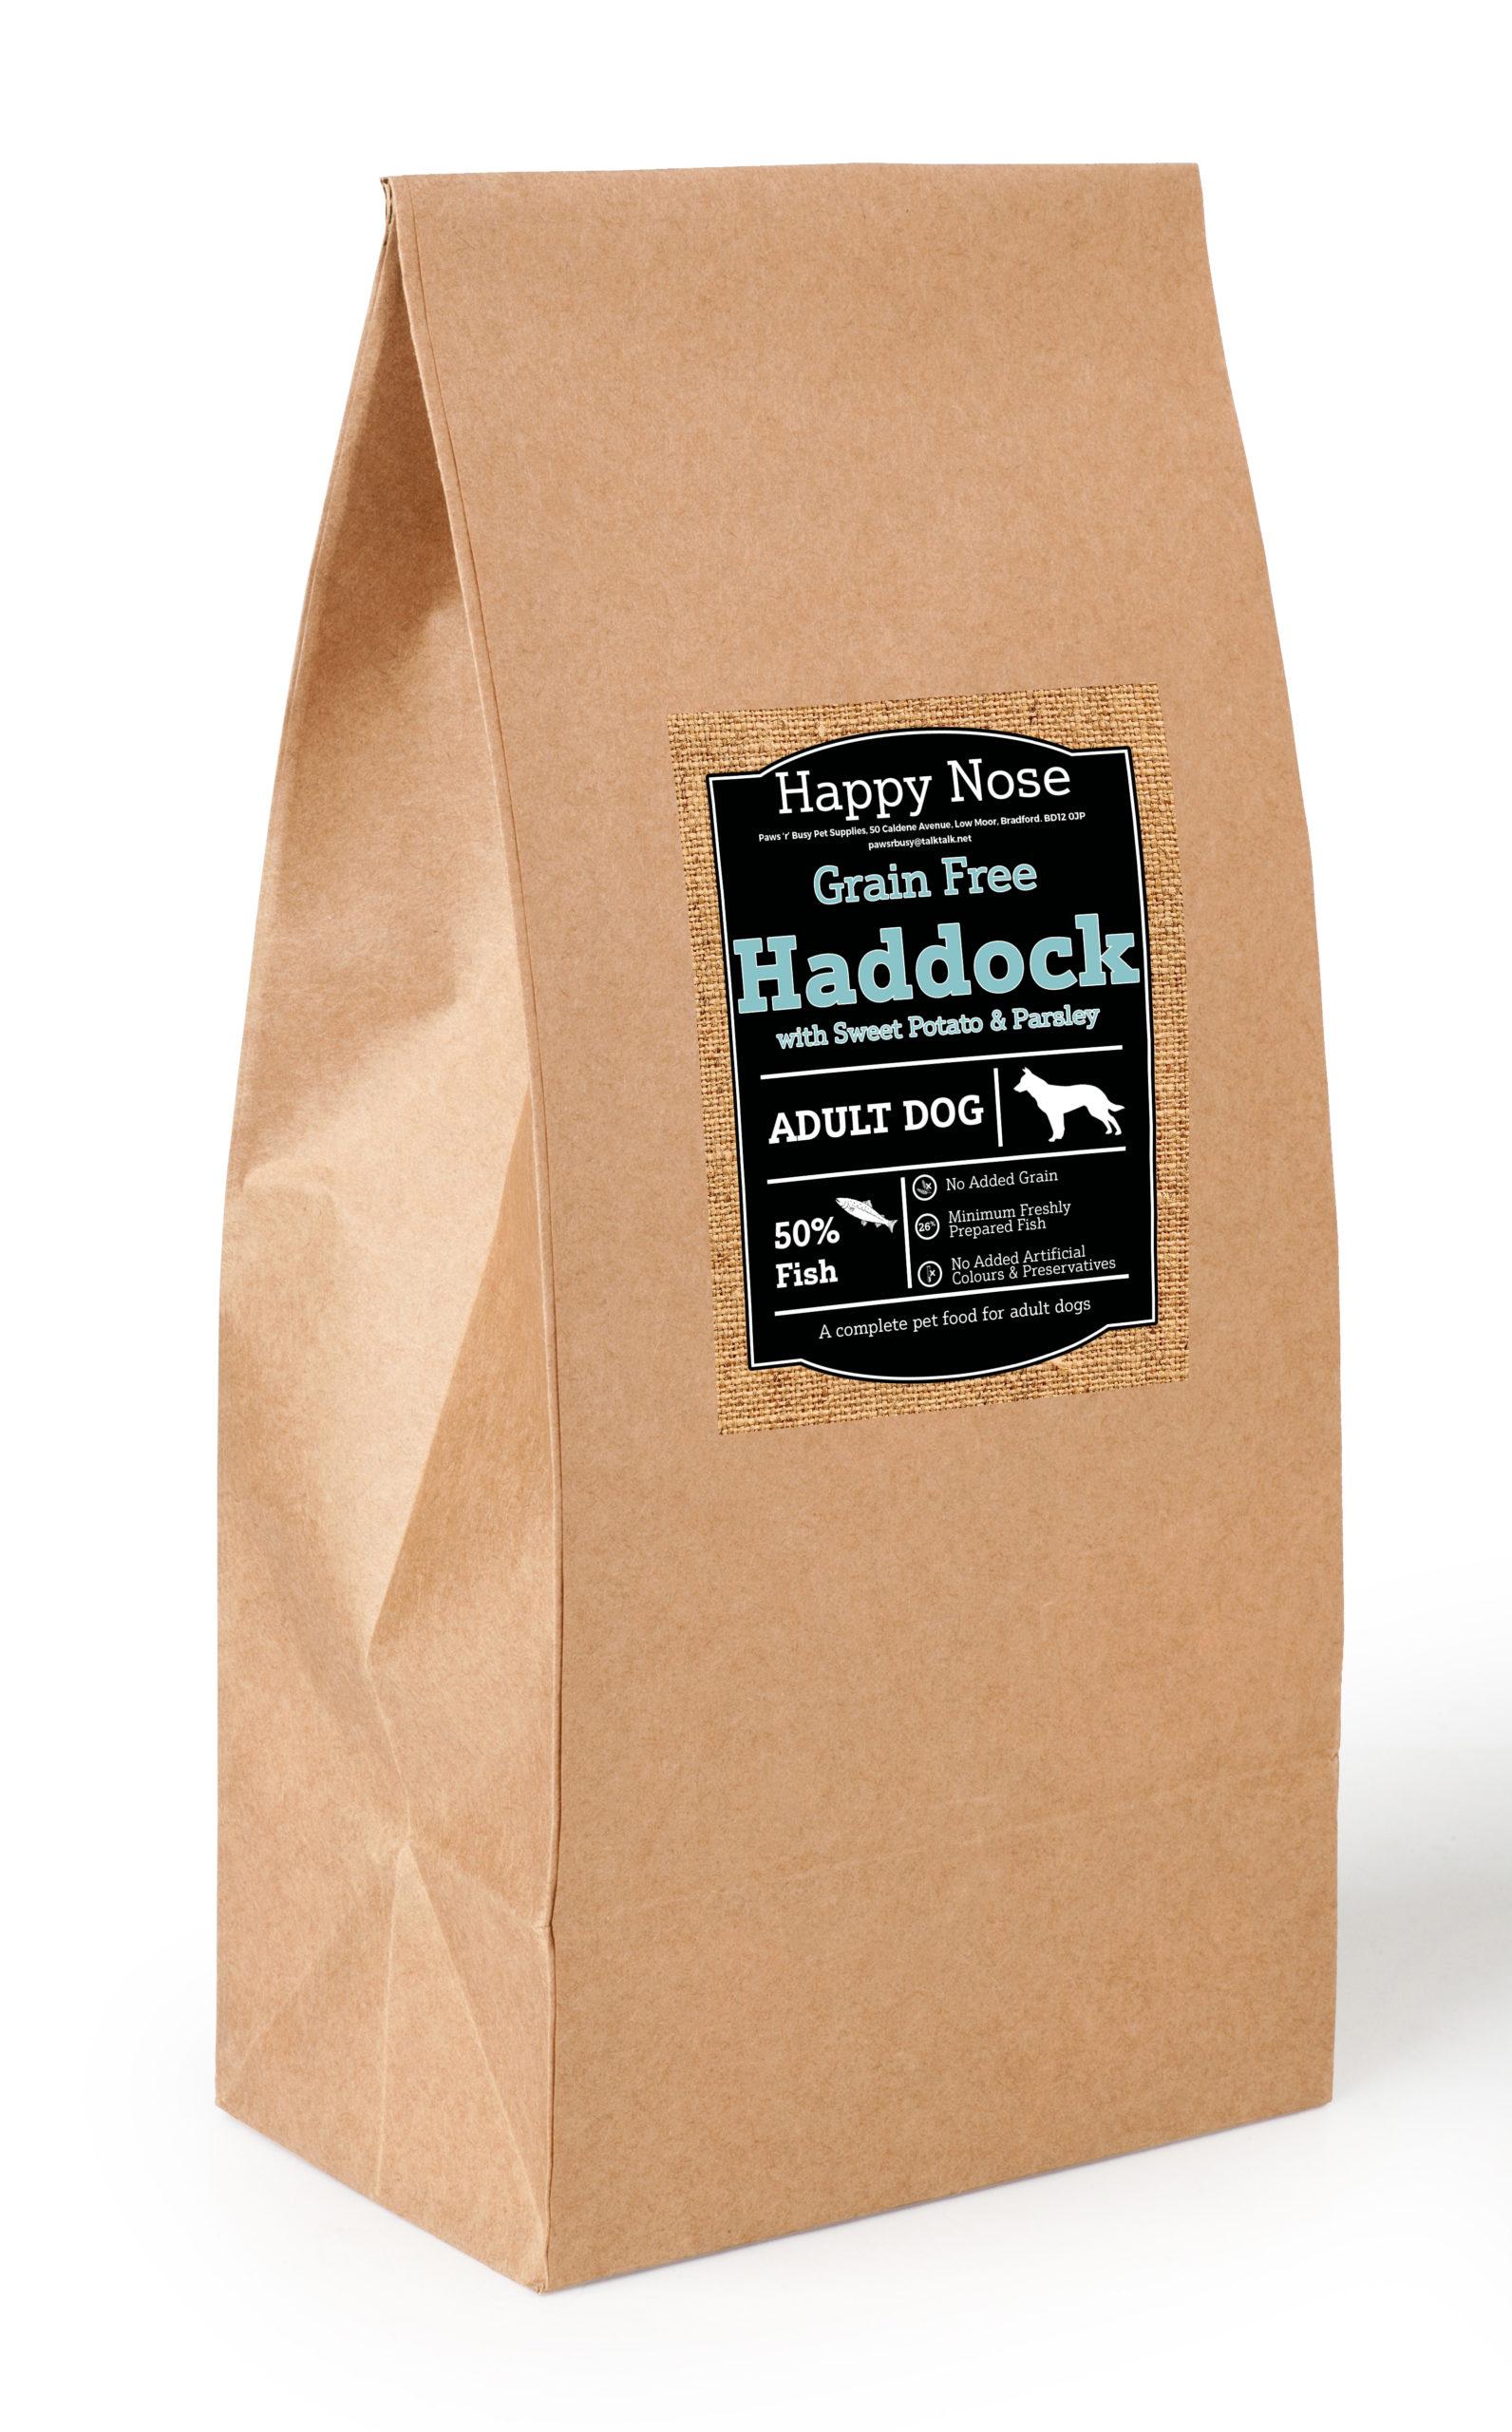 Haddock, Sweet Potato & Parsley Adult Dog Food